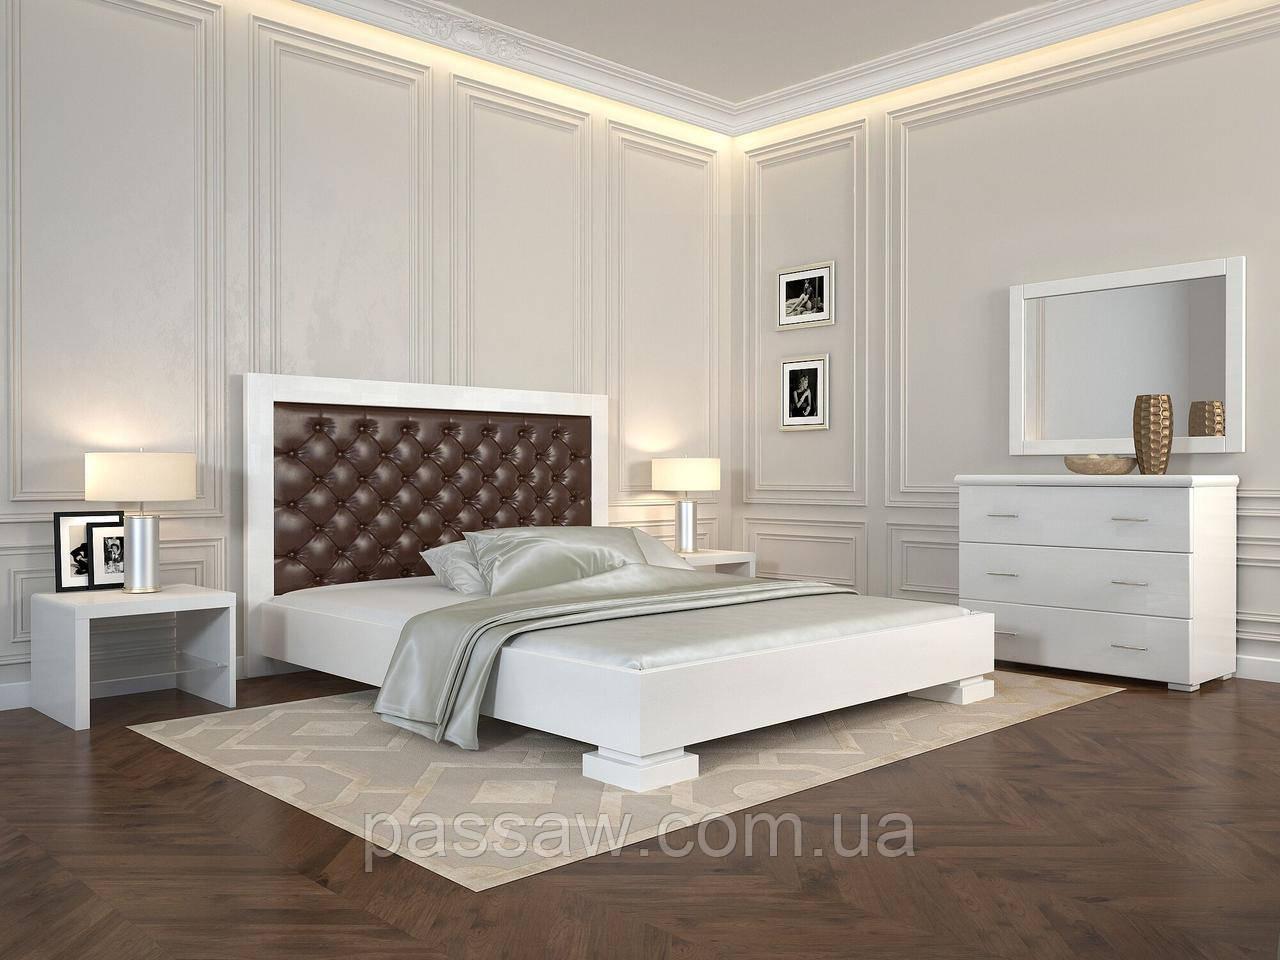 """Кровать деревянная ARBOR DREV  """"Подиум ромбы"""" 1,6 бук"""